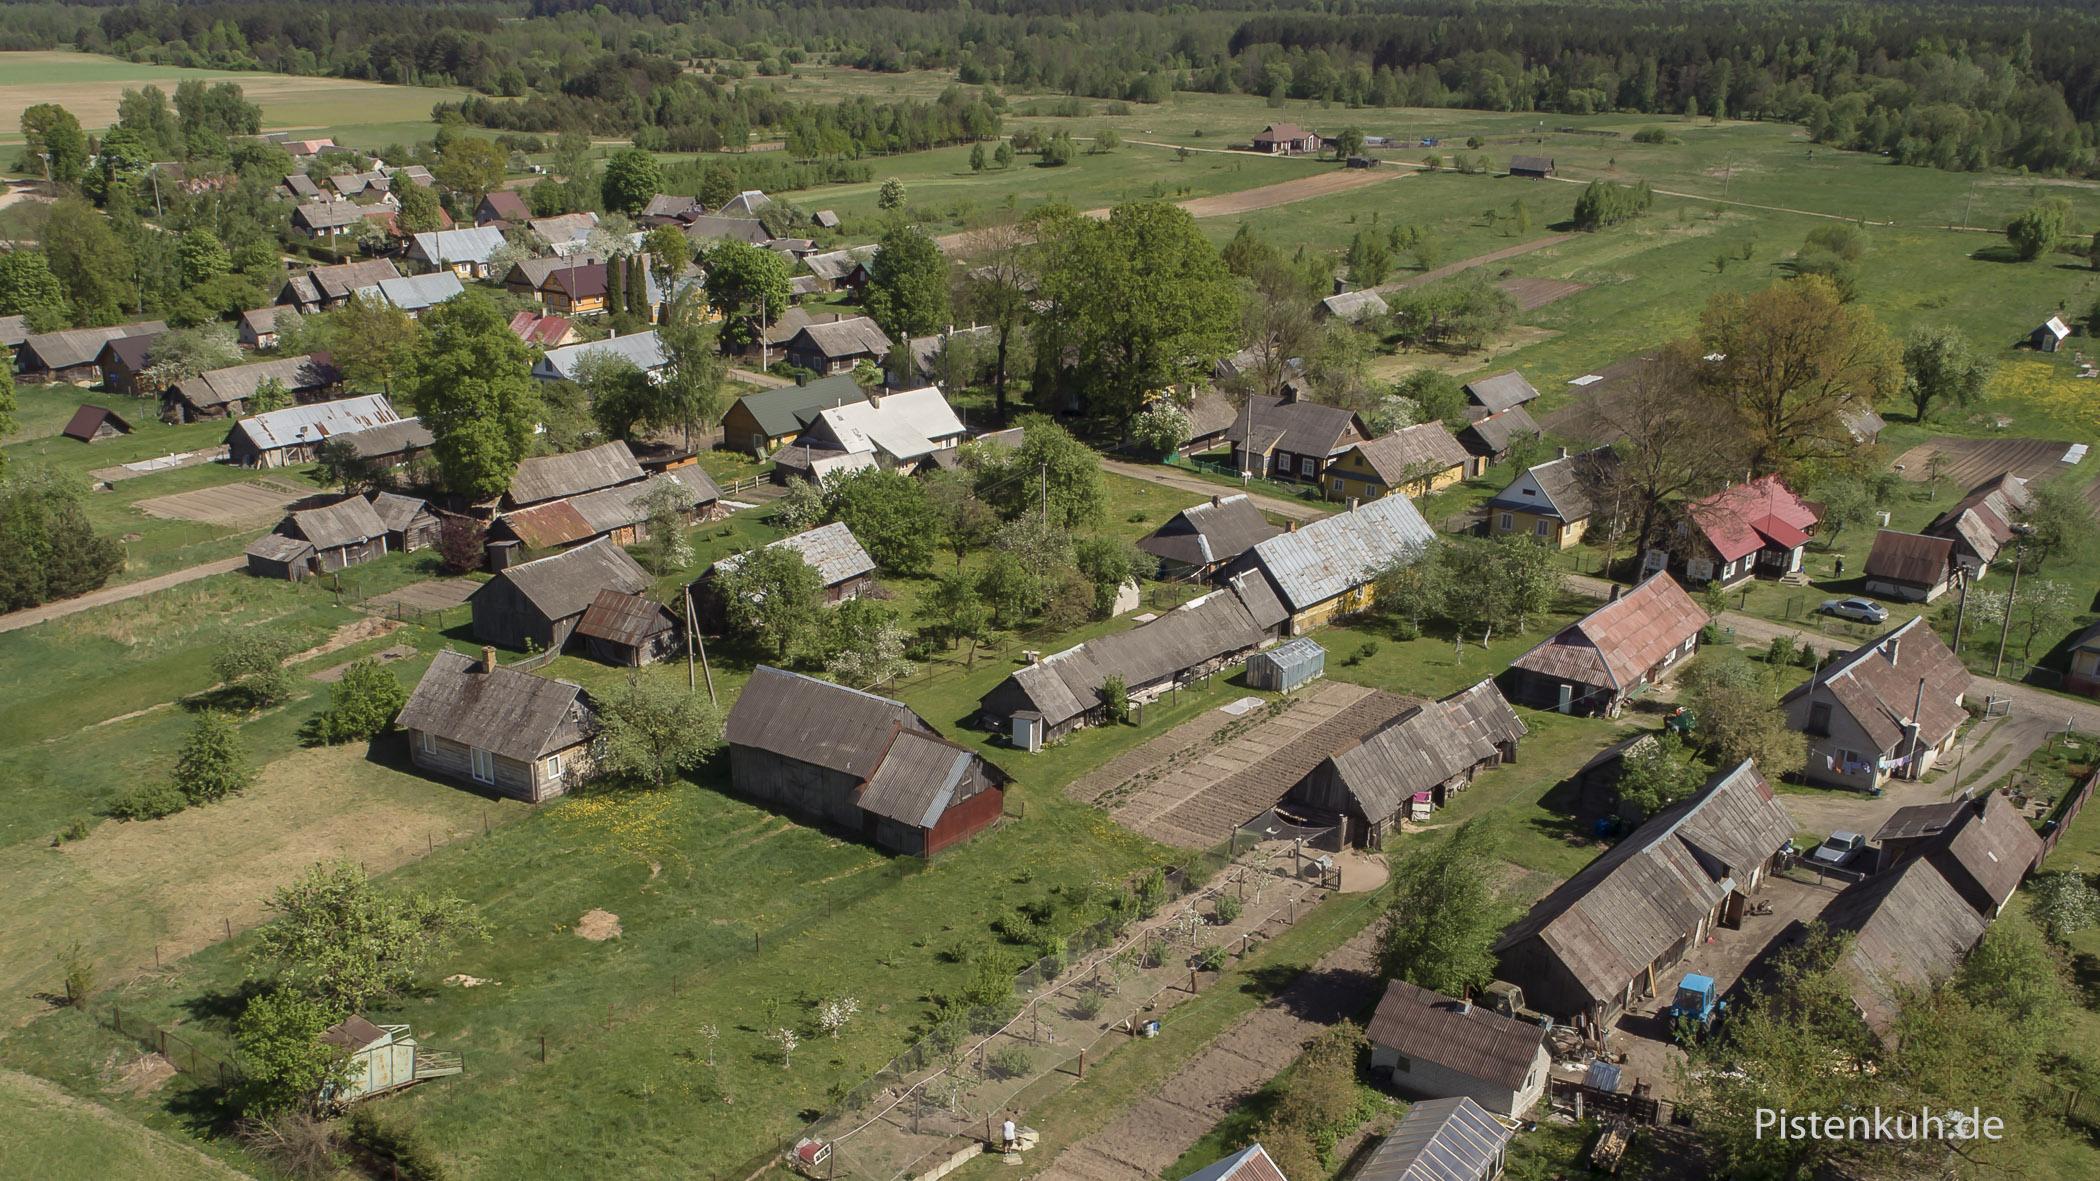 Typisches Dorf in Litauen aus der Storchenperspektive